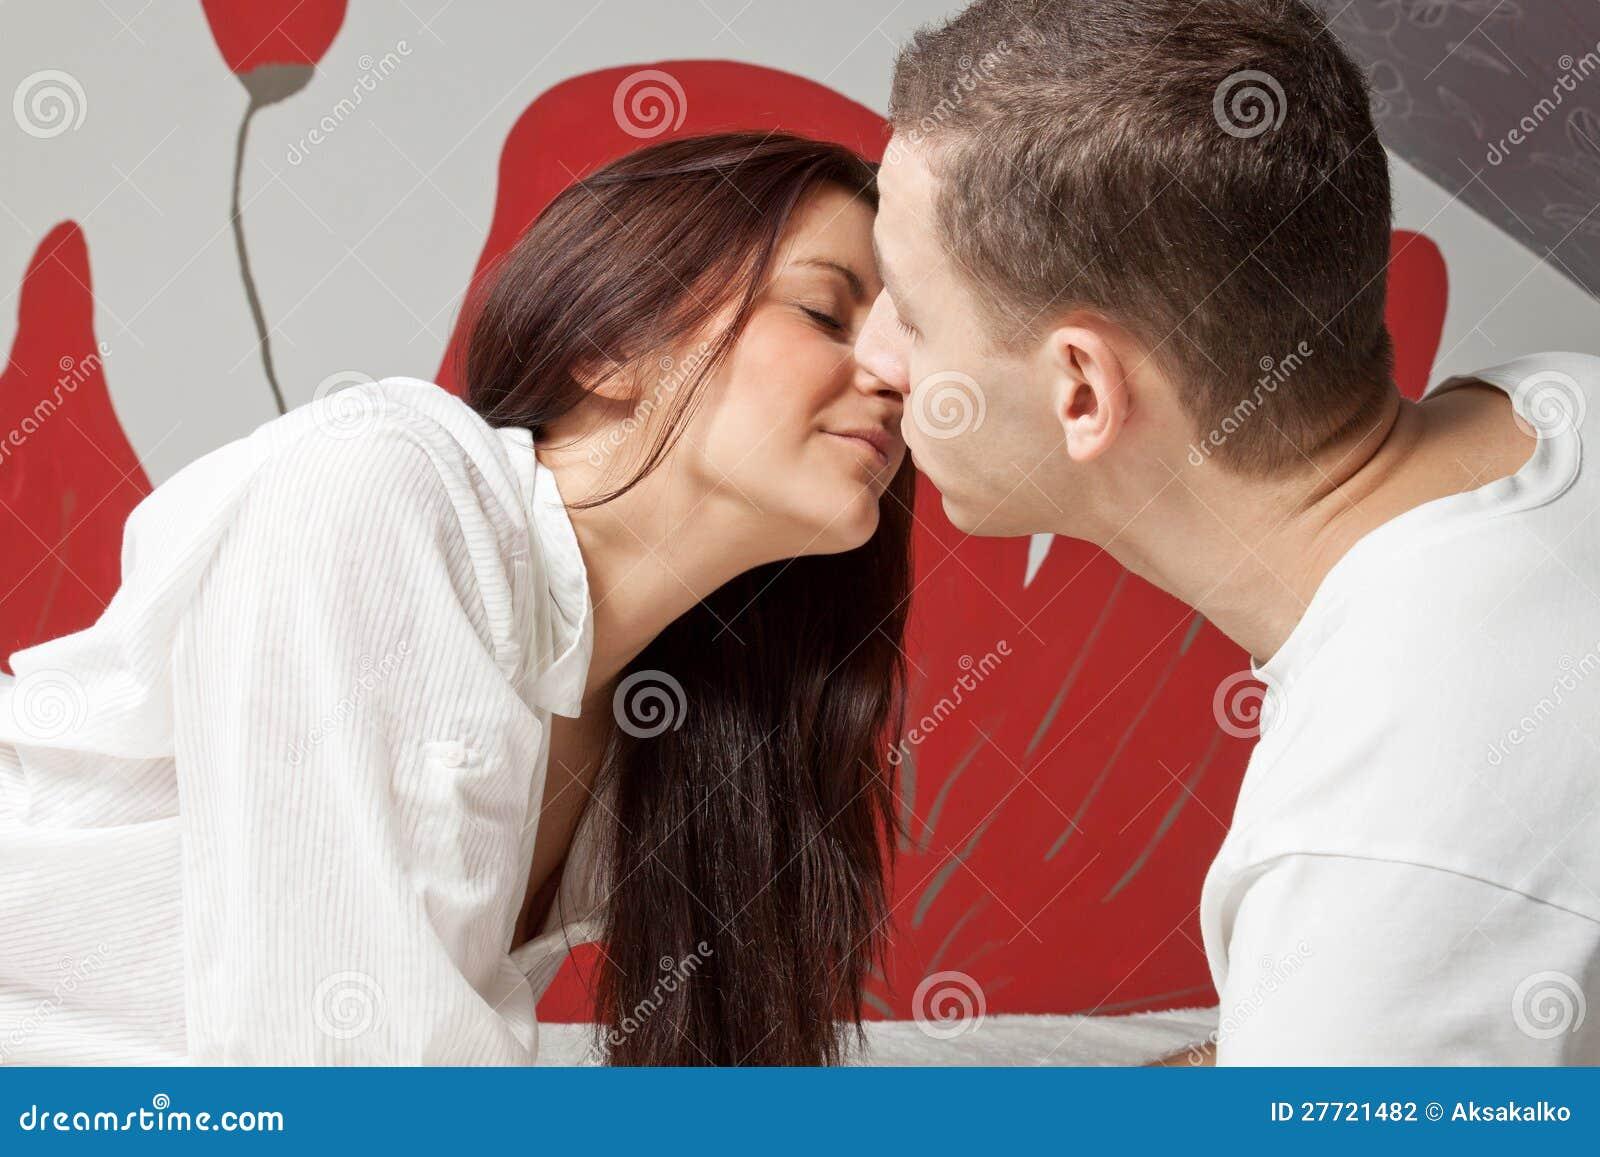 gift man dating kvinna